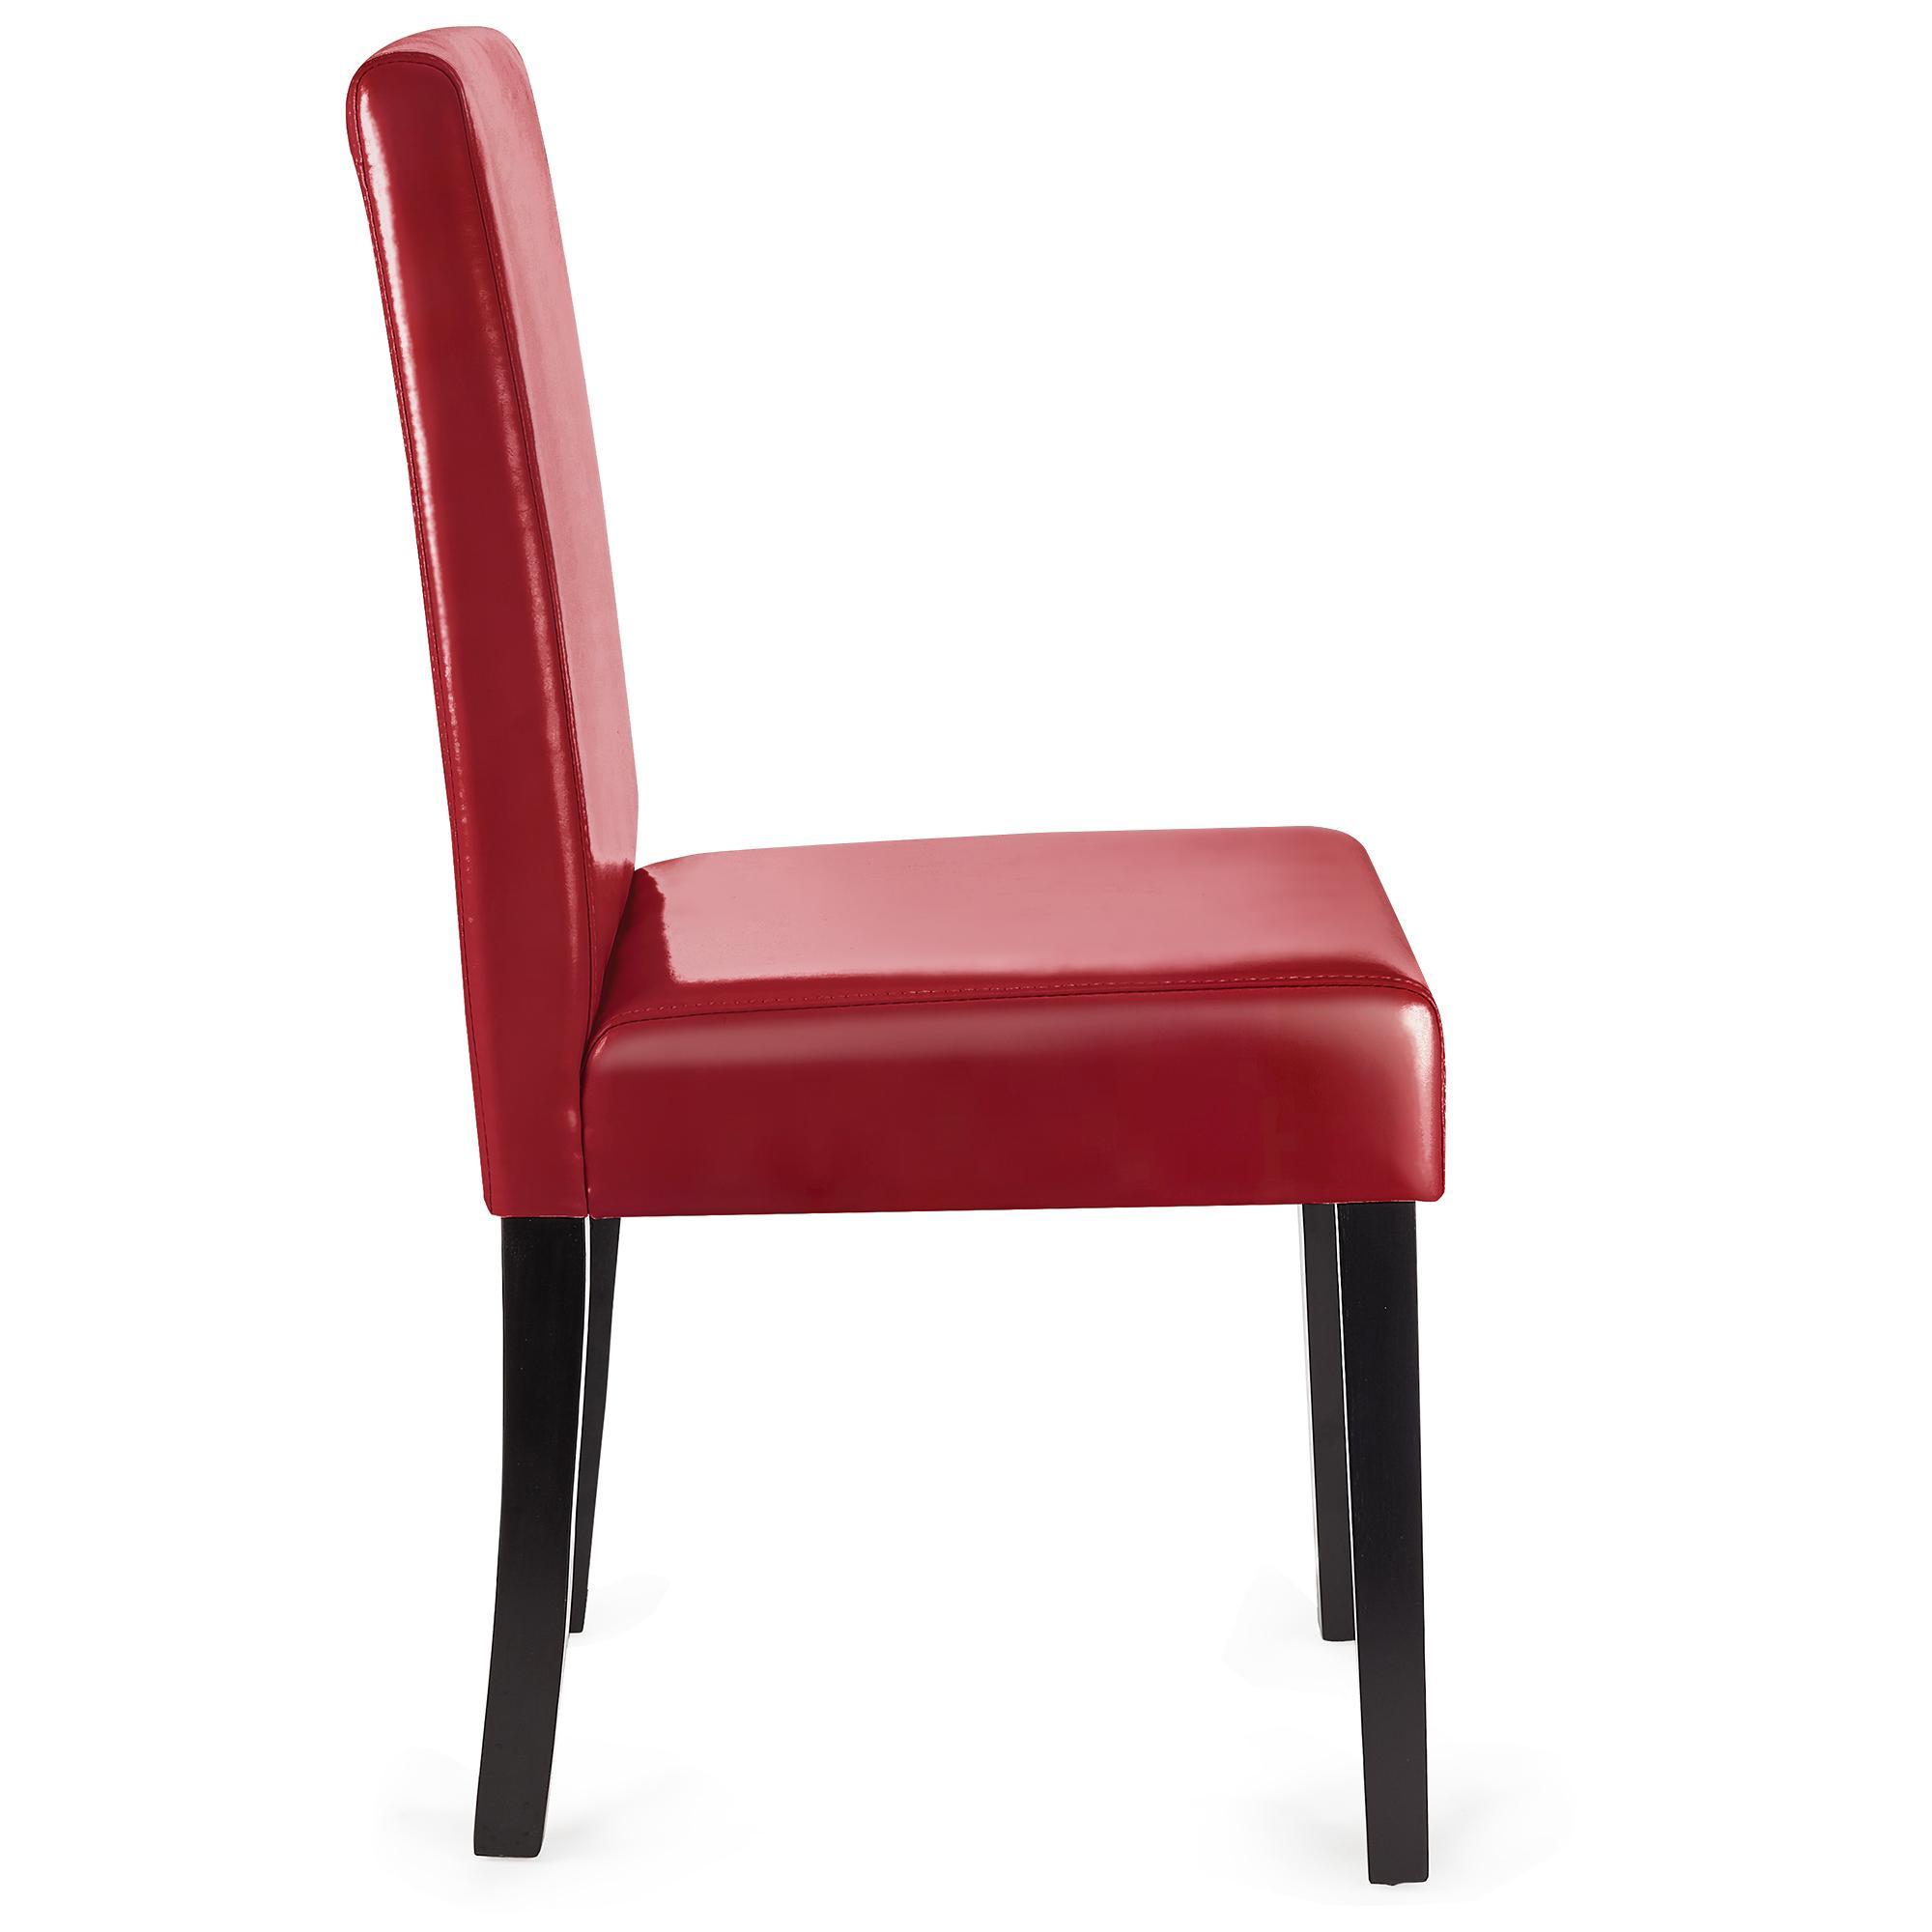 Lotto da 4 Sedie per Salotto LITAU PELLE, in Vera Pelle color Rosso e Gambe  Scure